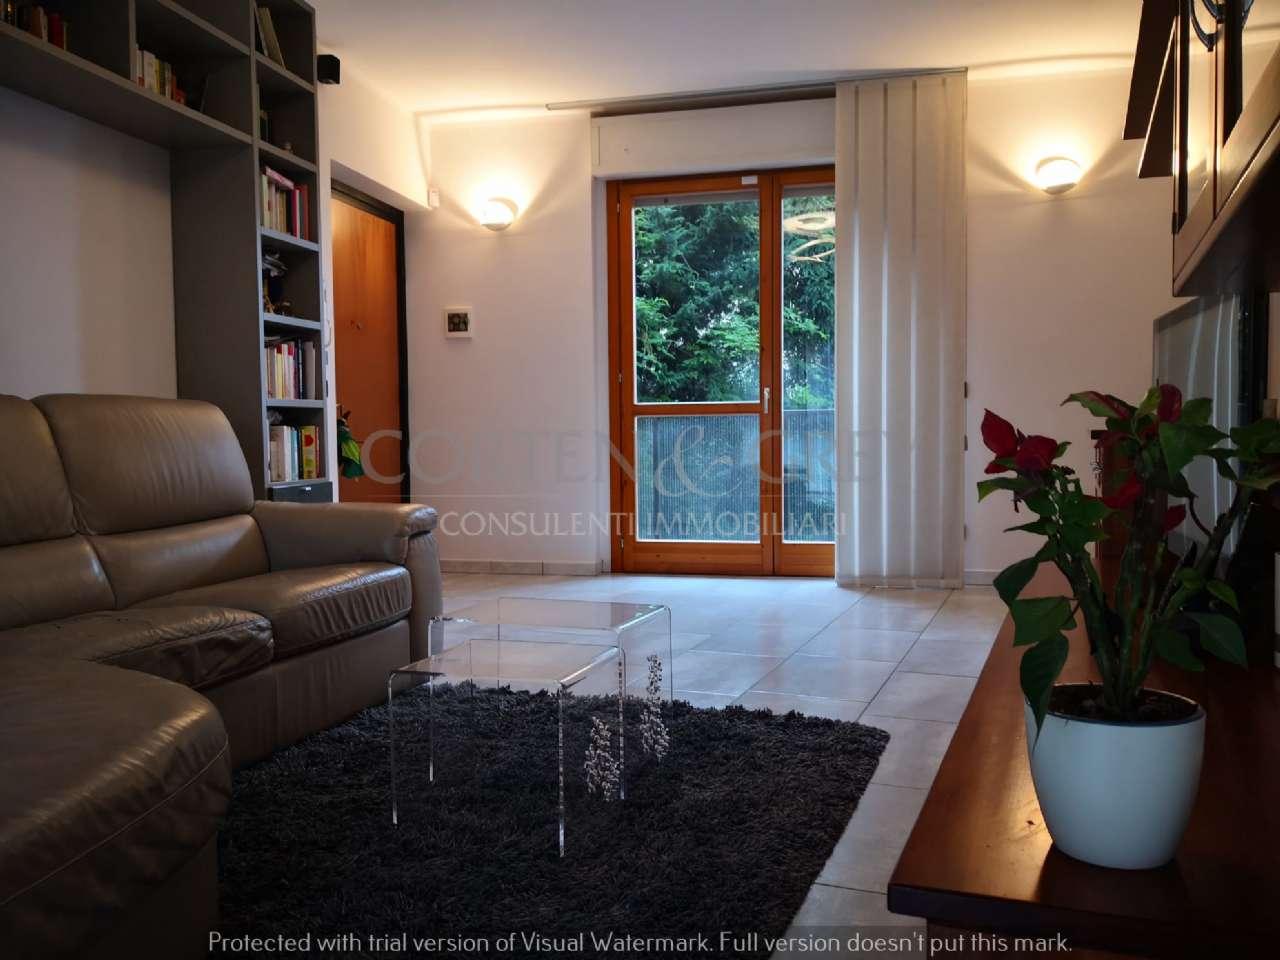 Appartamento in vendita a Gassino Torinese, 4 locali, prezzo € 220.000 | PortaleAgenzieImmobiliari.it